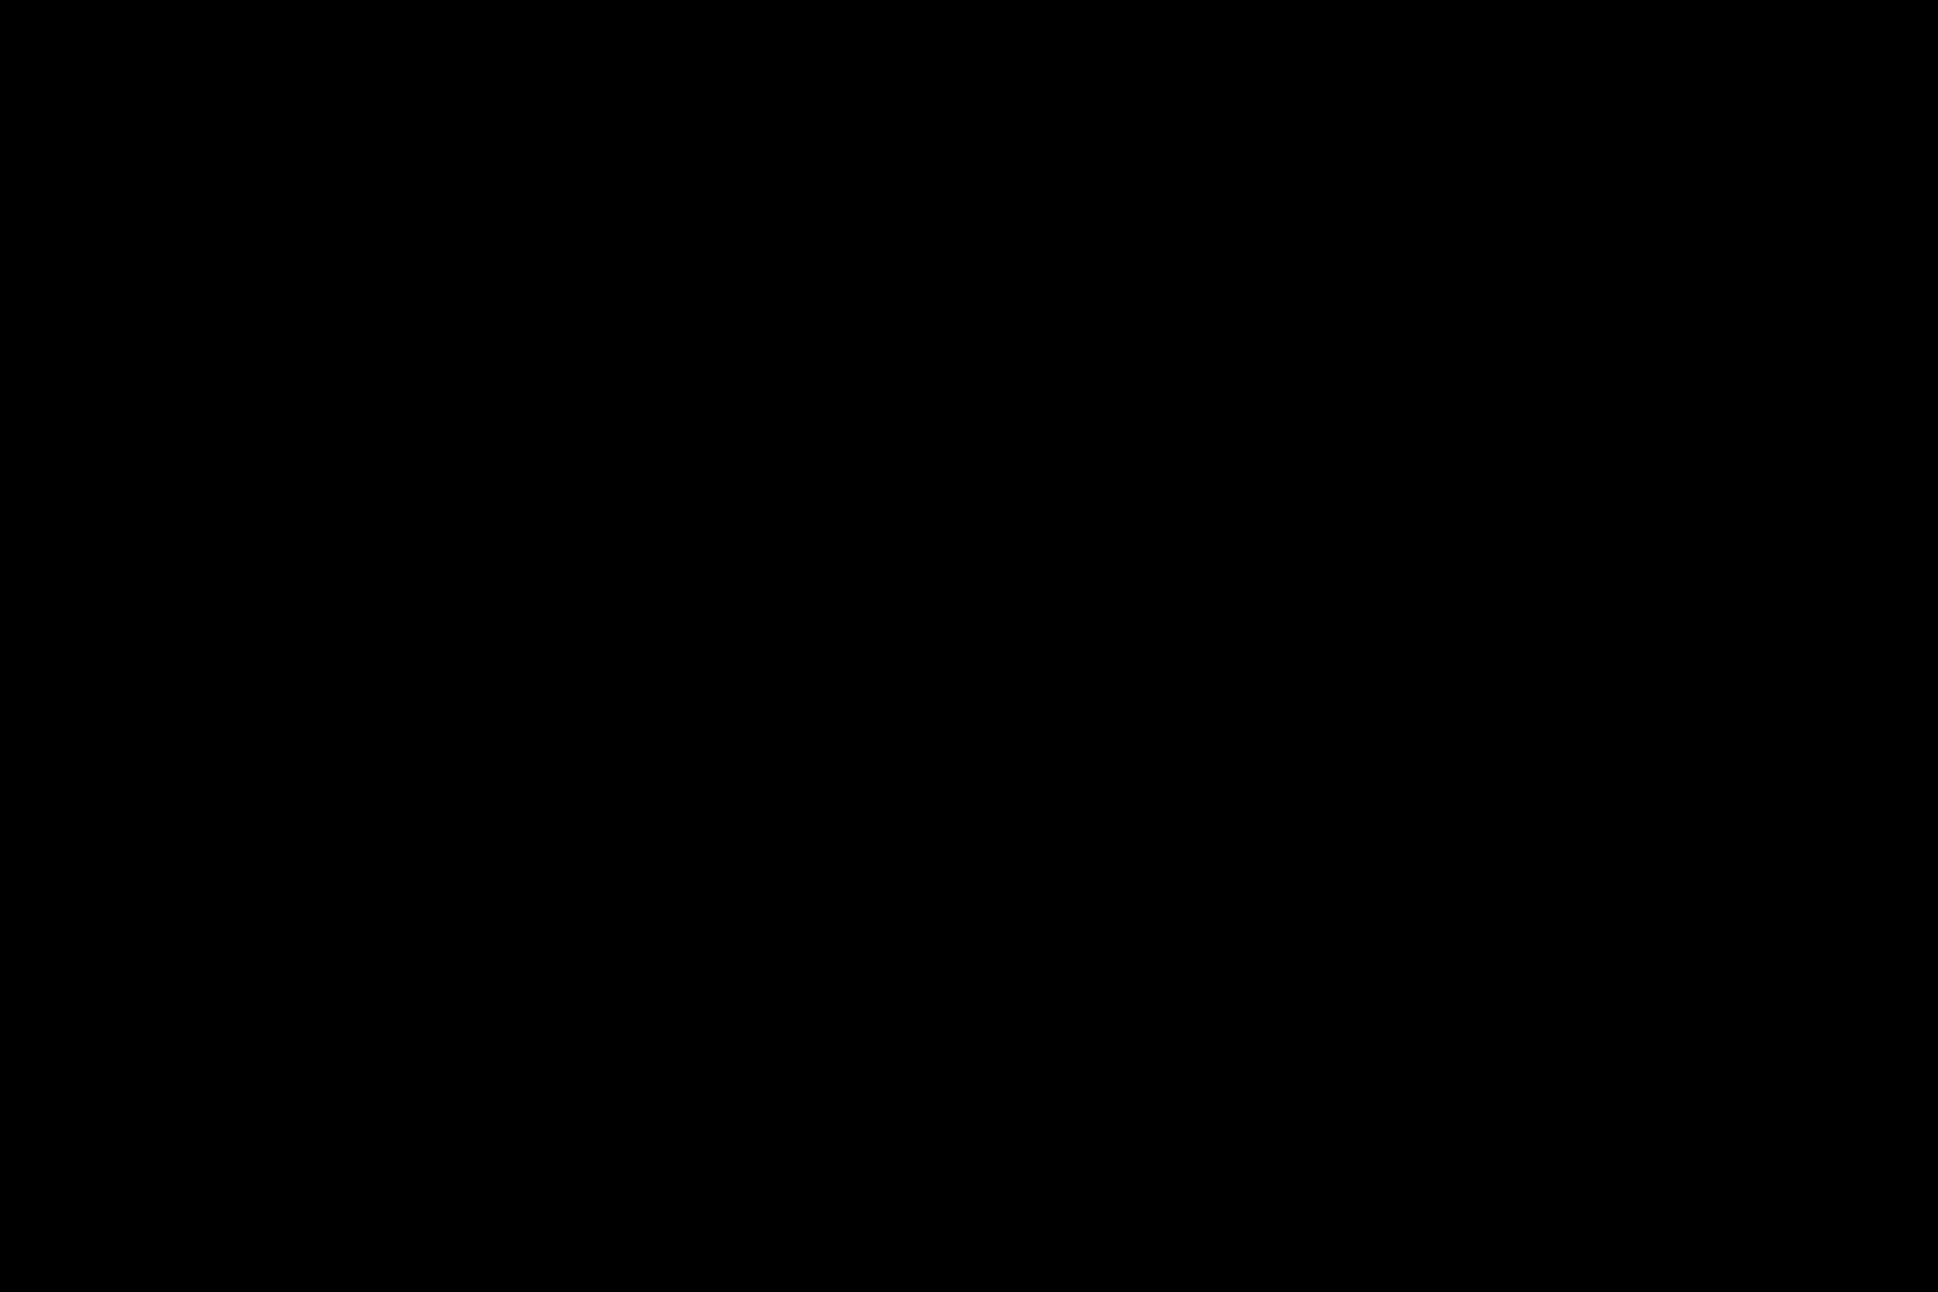 mm9f0135